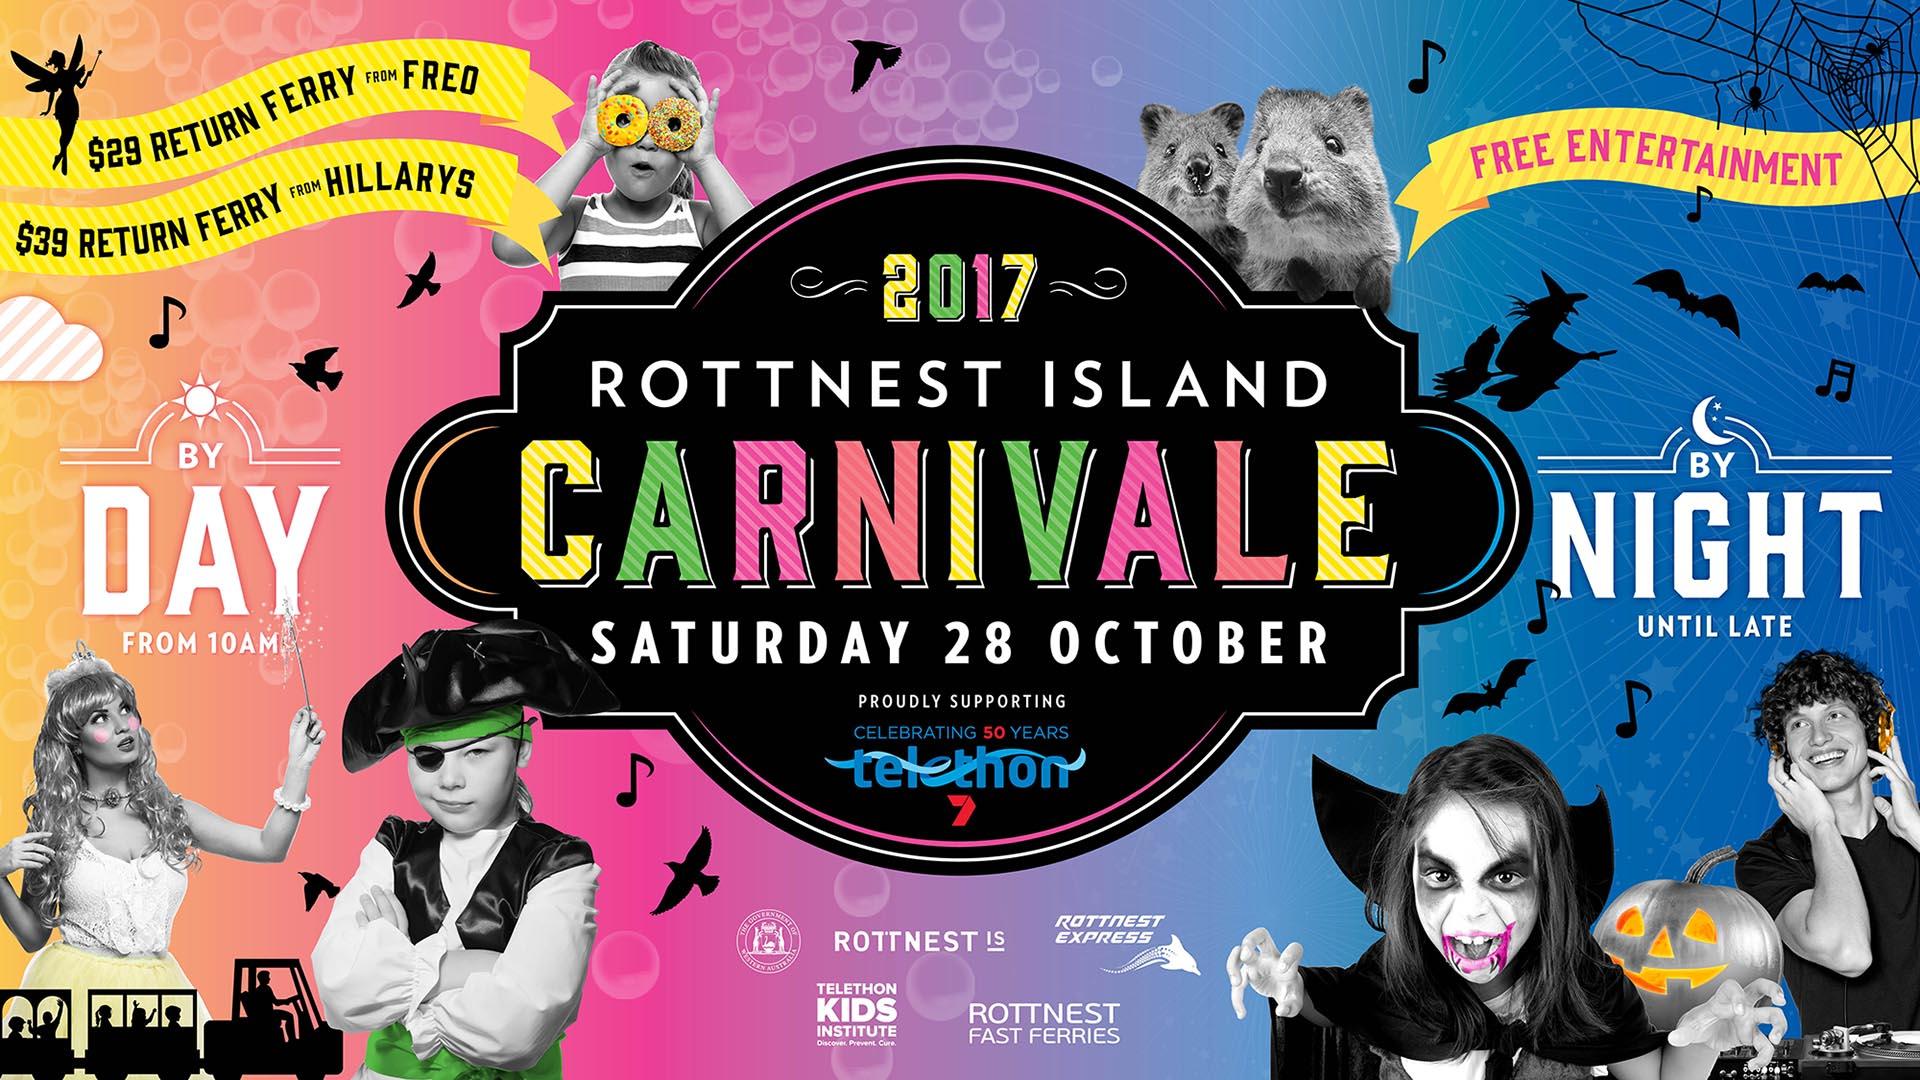 Rottnest Carnivale